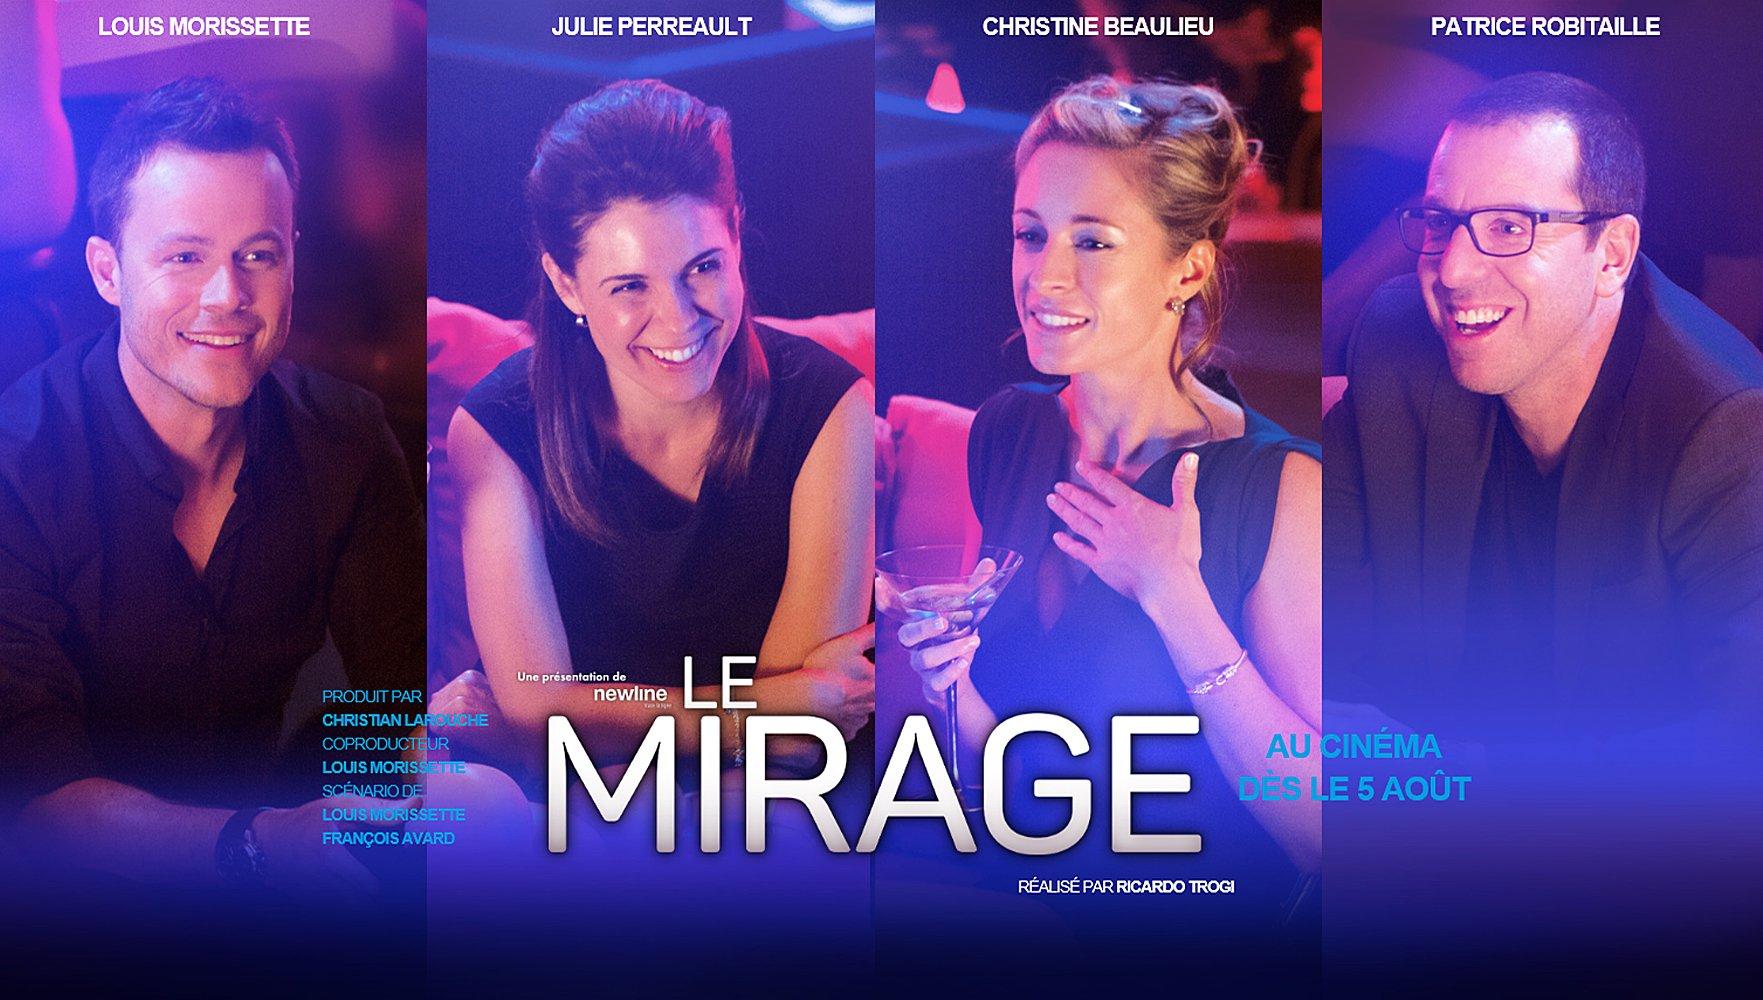 Gauchedroitistan, 17 août 2015: Le Mirage, Roosh V, Denis Coderre et autres